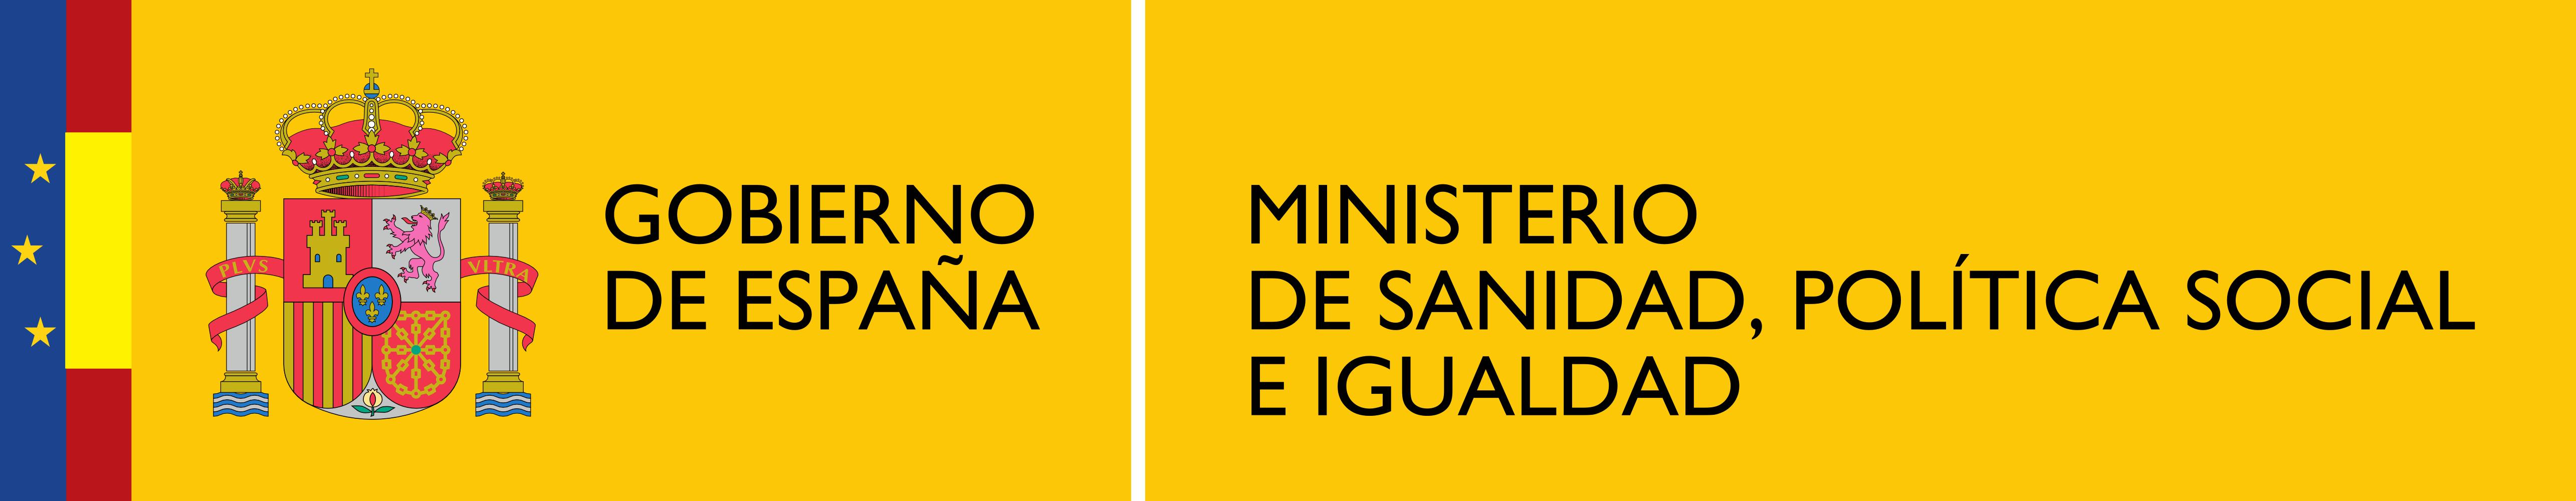 file logotipo del ministerio de sanidad pol tica social e